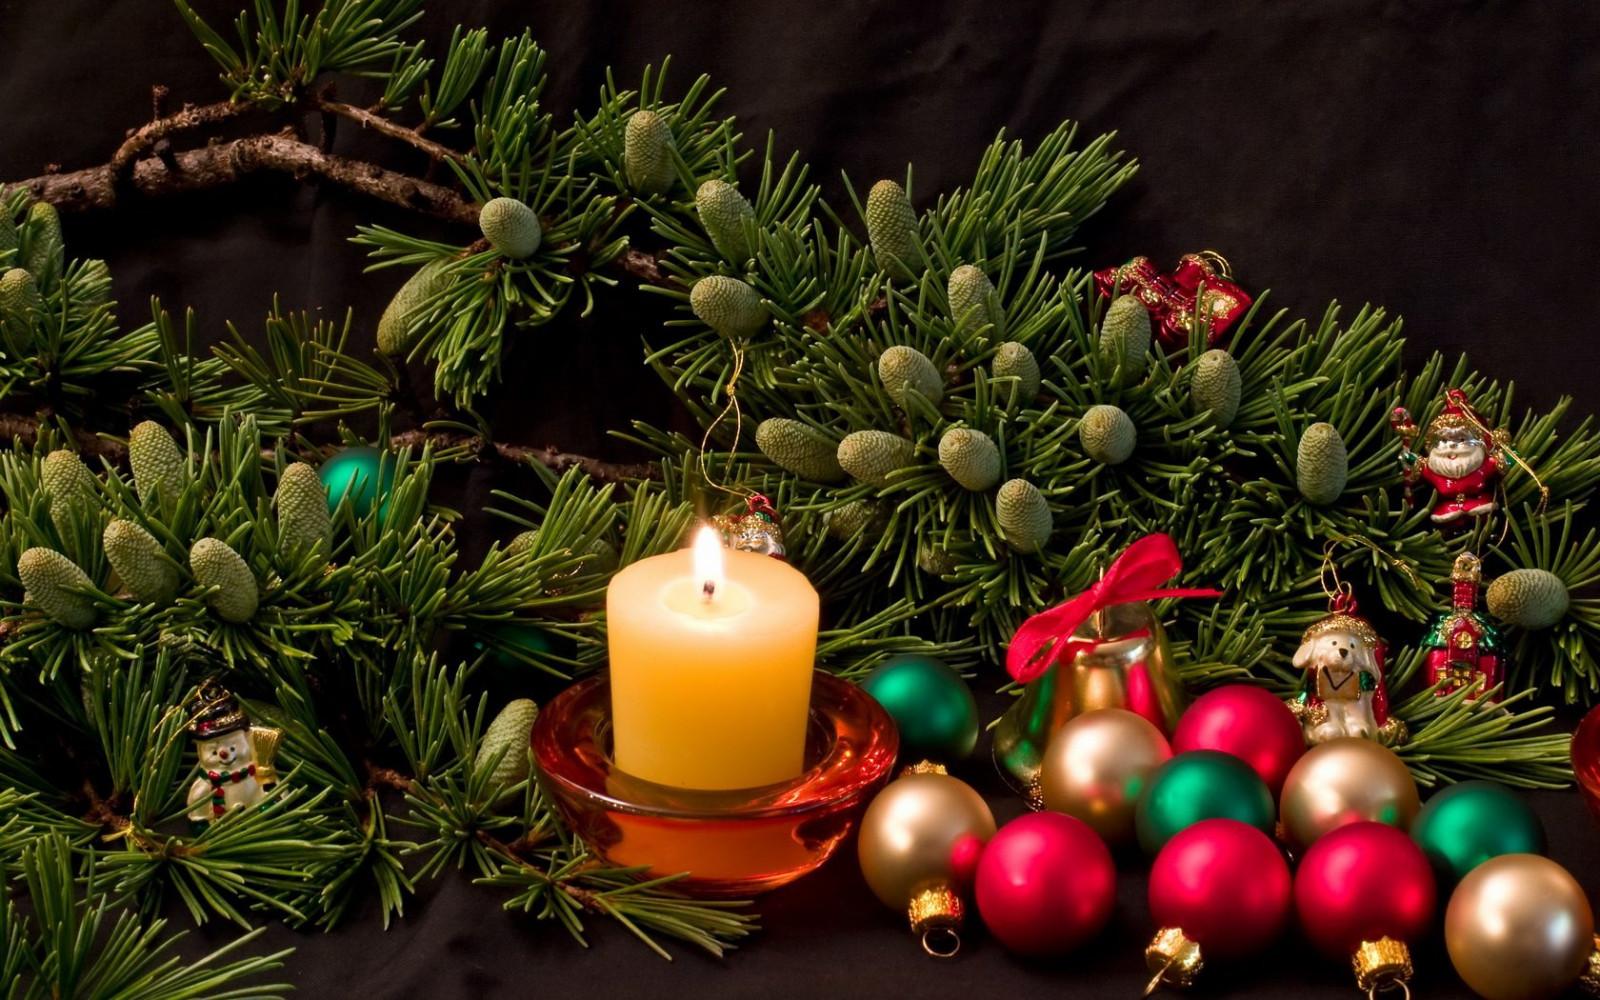 Fond D écran Vacances De Noël: Fond D'écran : 1680x1050 Px, Beau, Cadeaux, Content